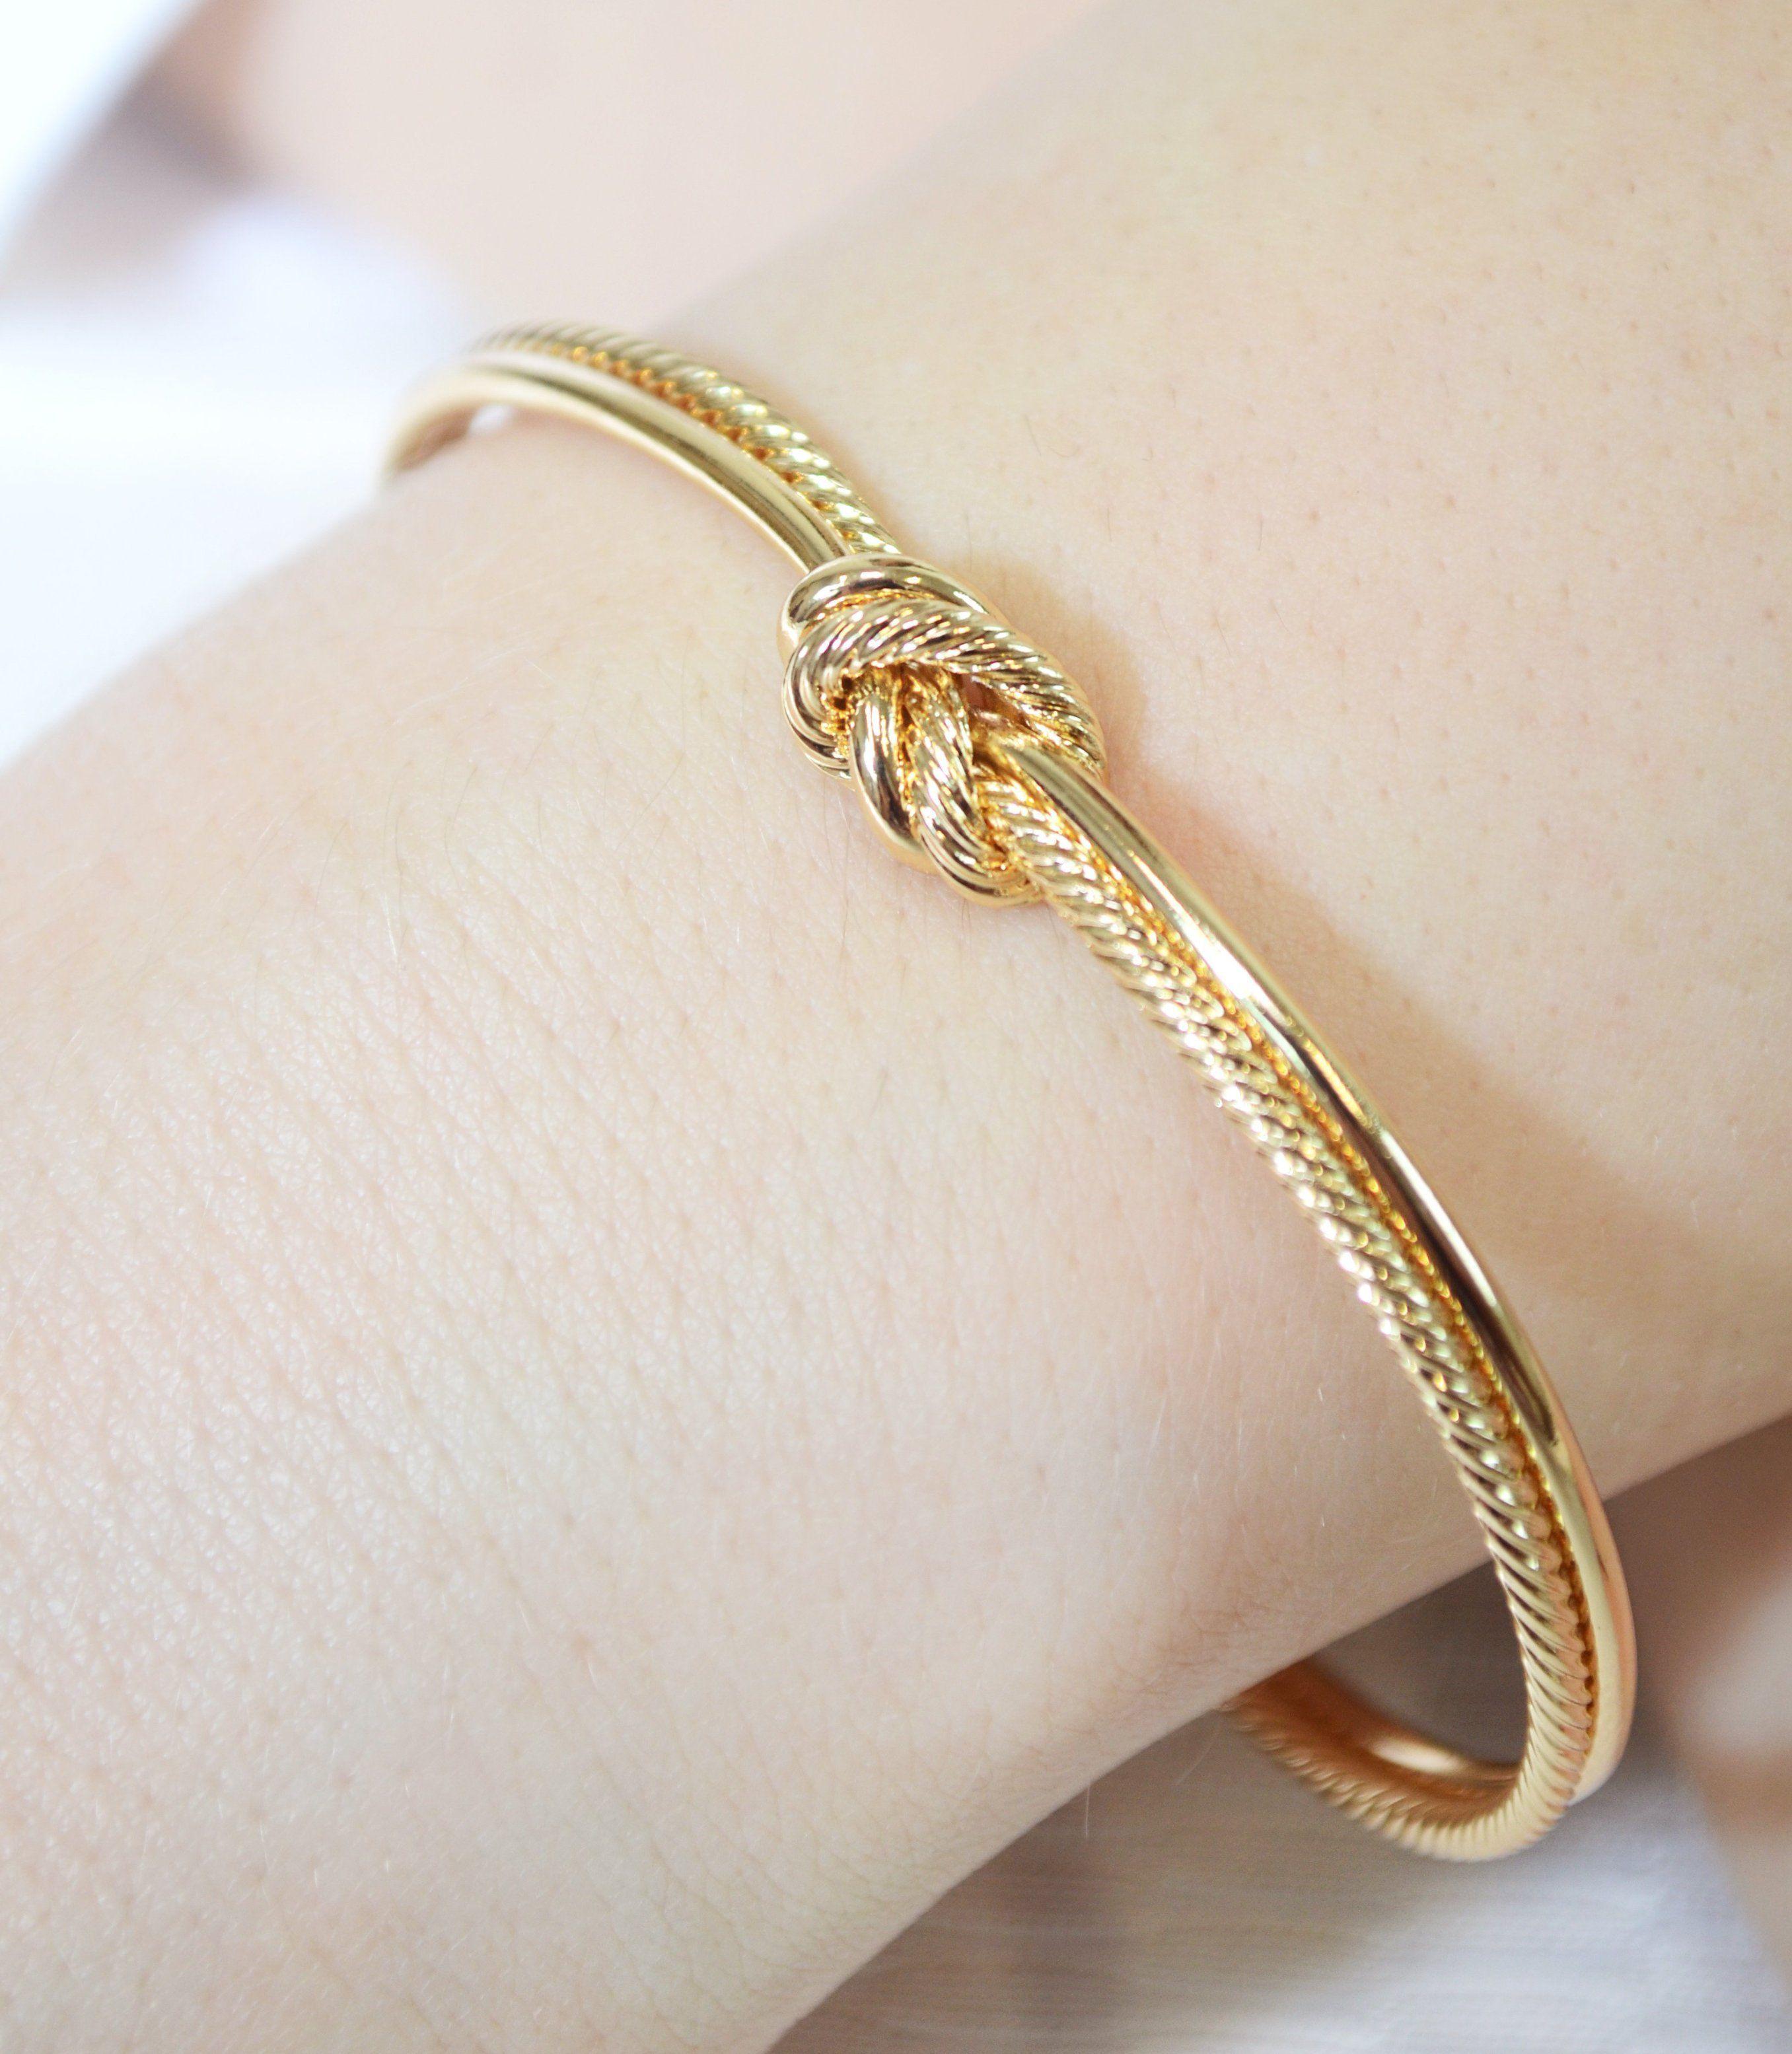 Sailor Love Knot Bracelet Maid Of Honor Bracelet Earring Set